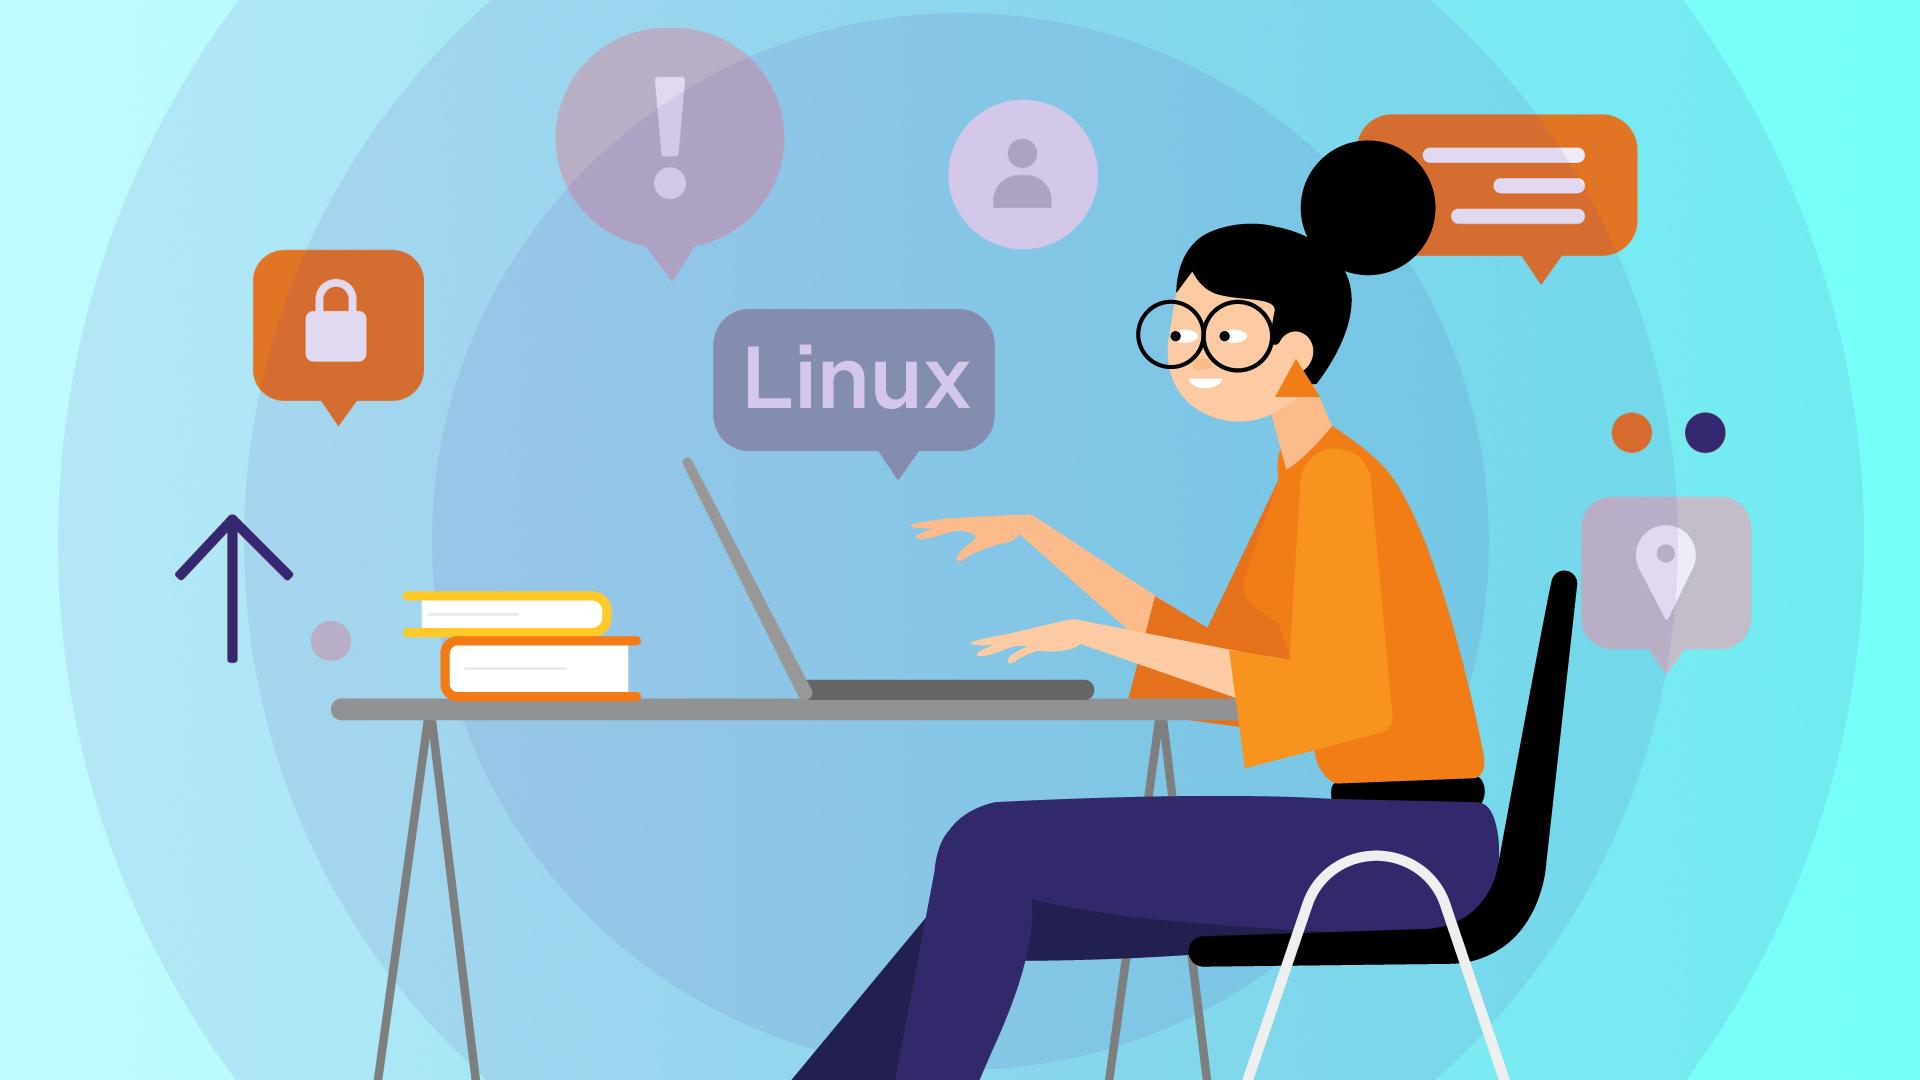 Вебинар Основные команды терминала Linux фото